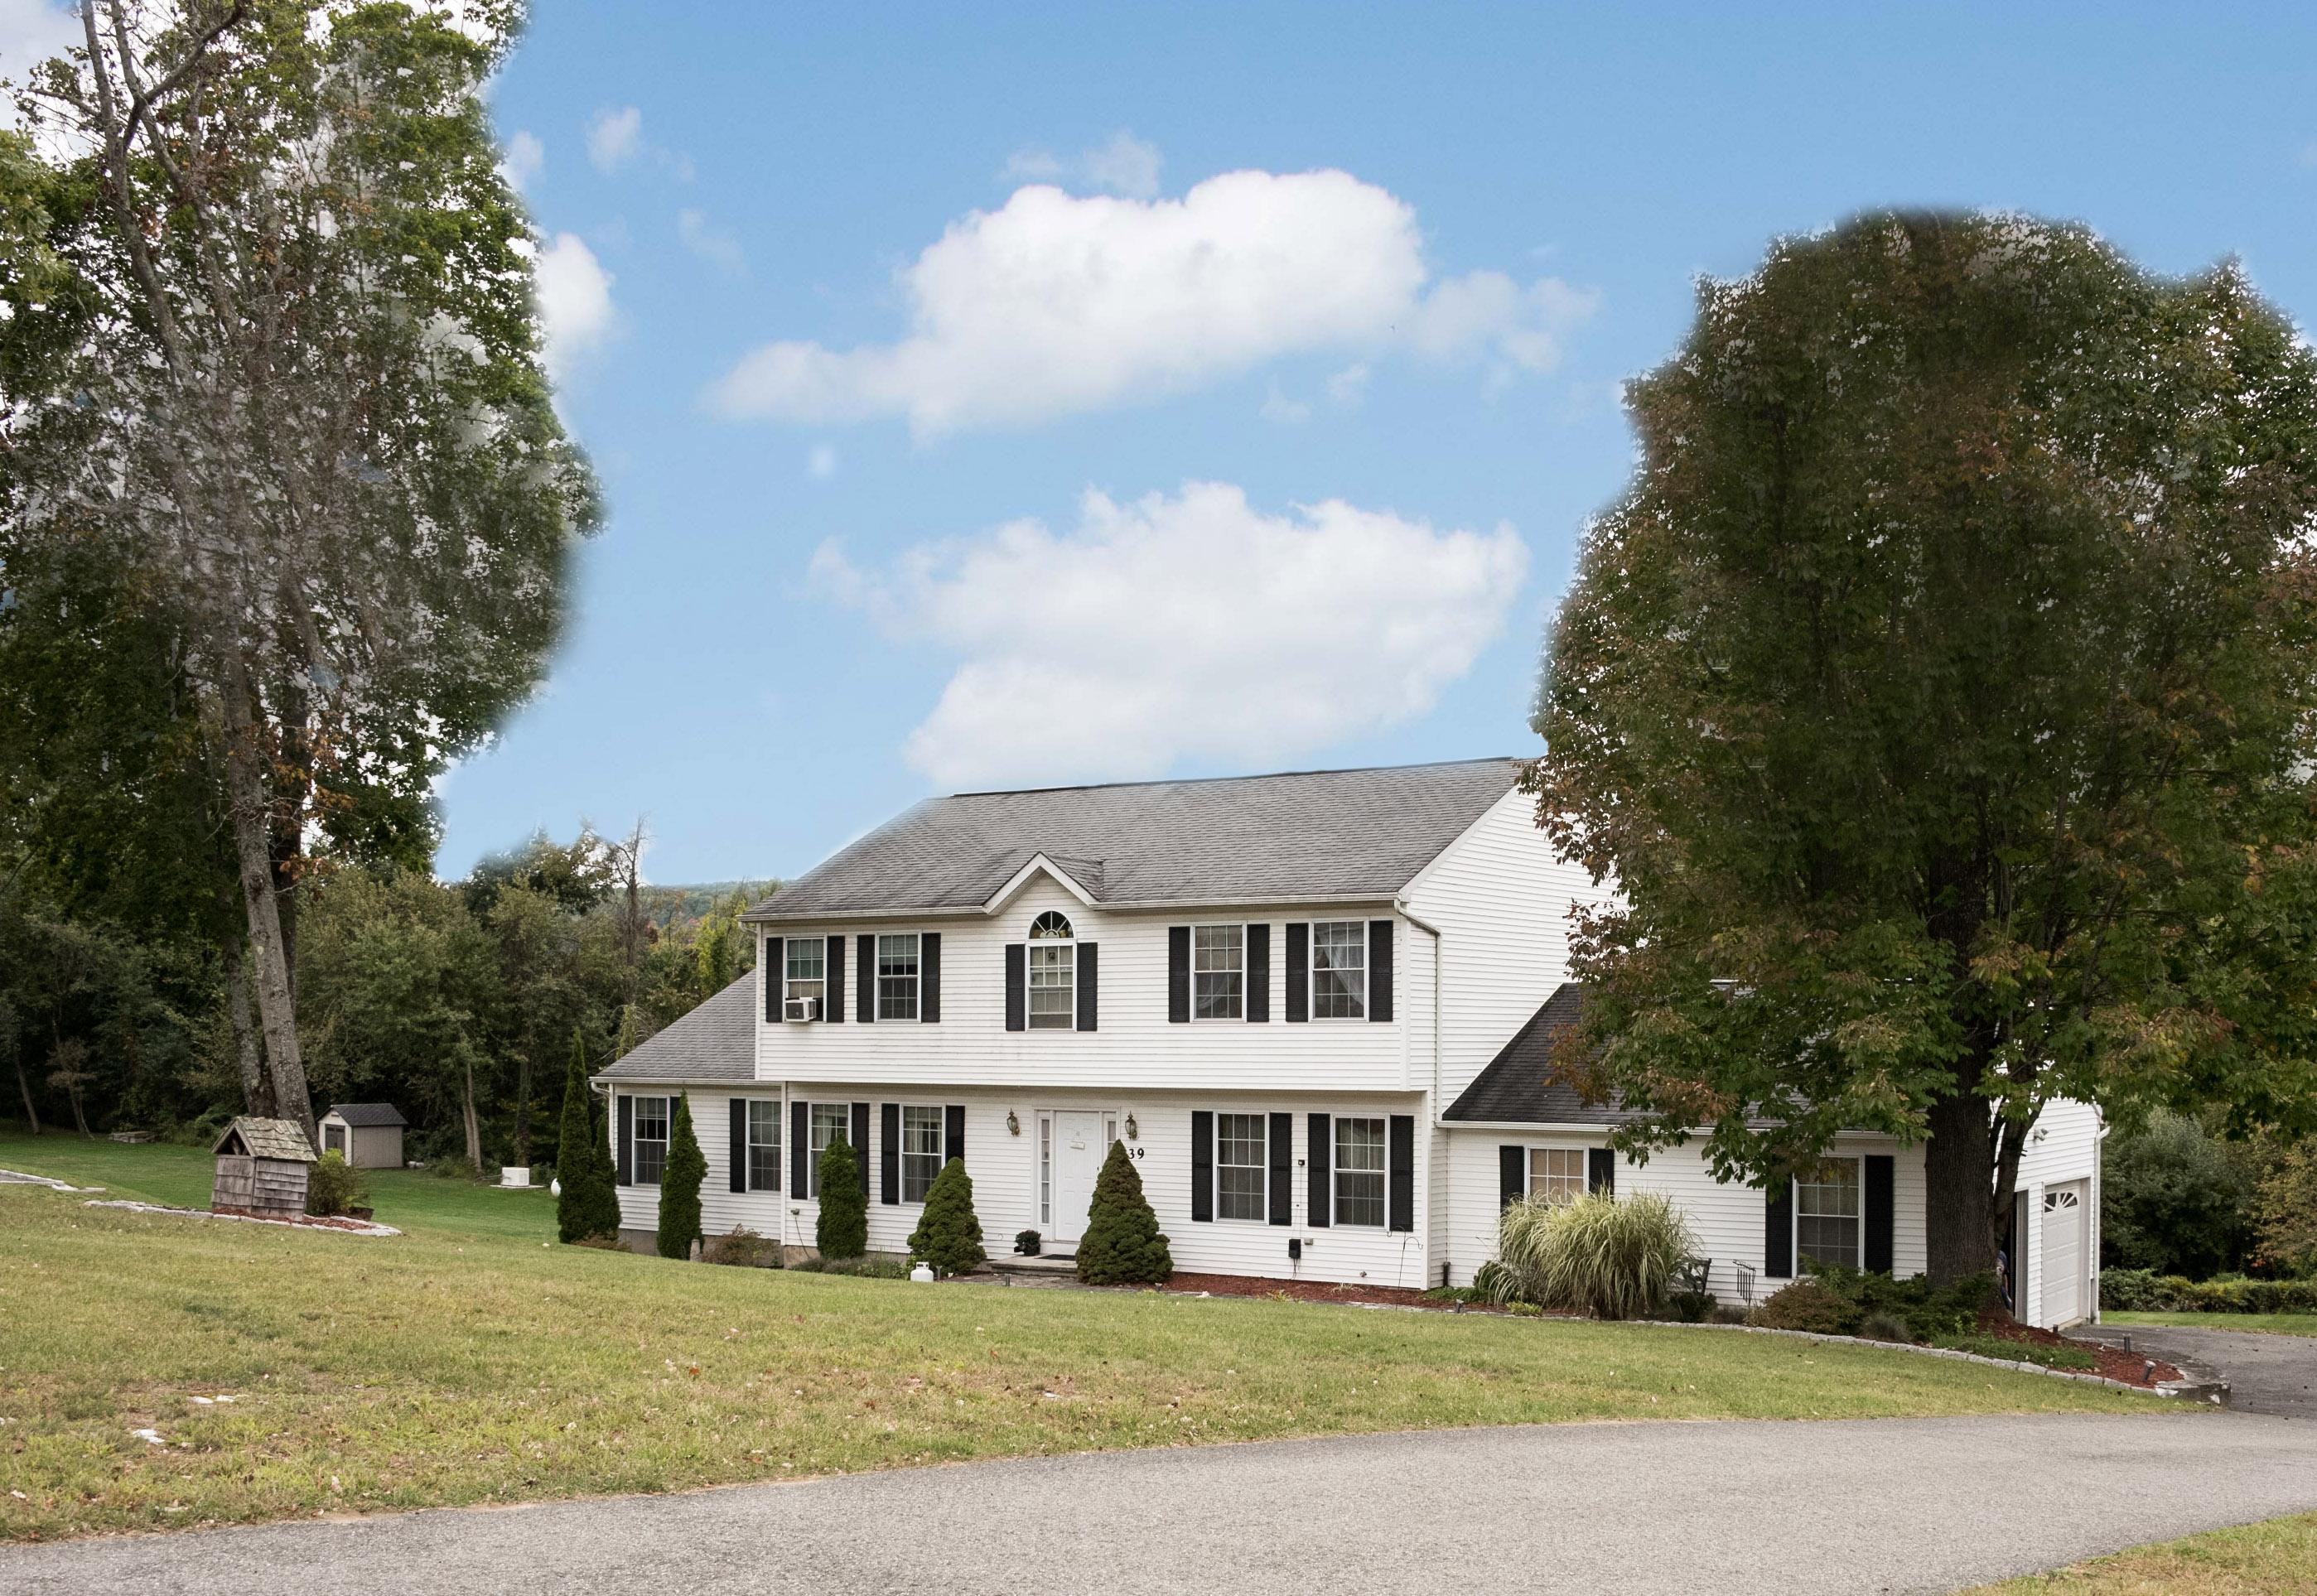 独户住宅 为 销售 在 New England Charm 39 Turkey Trot Road 新米尔福德, 康涅狄格州 06776 美国